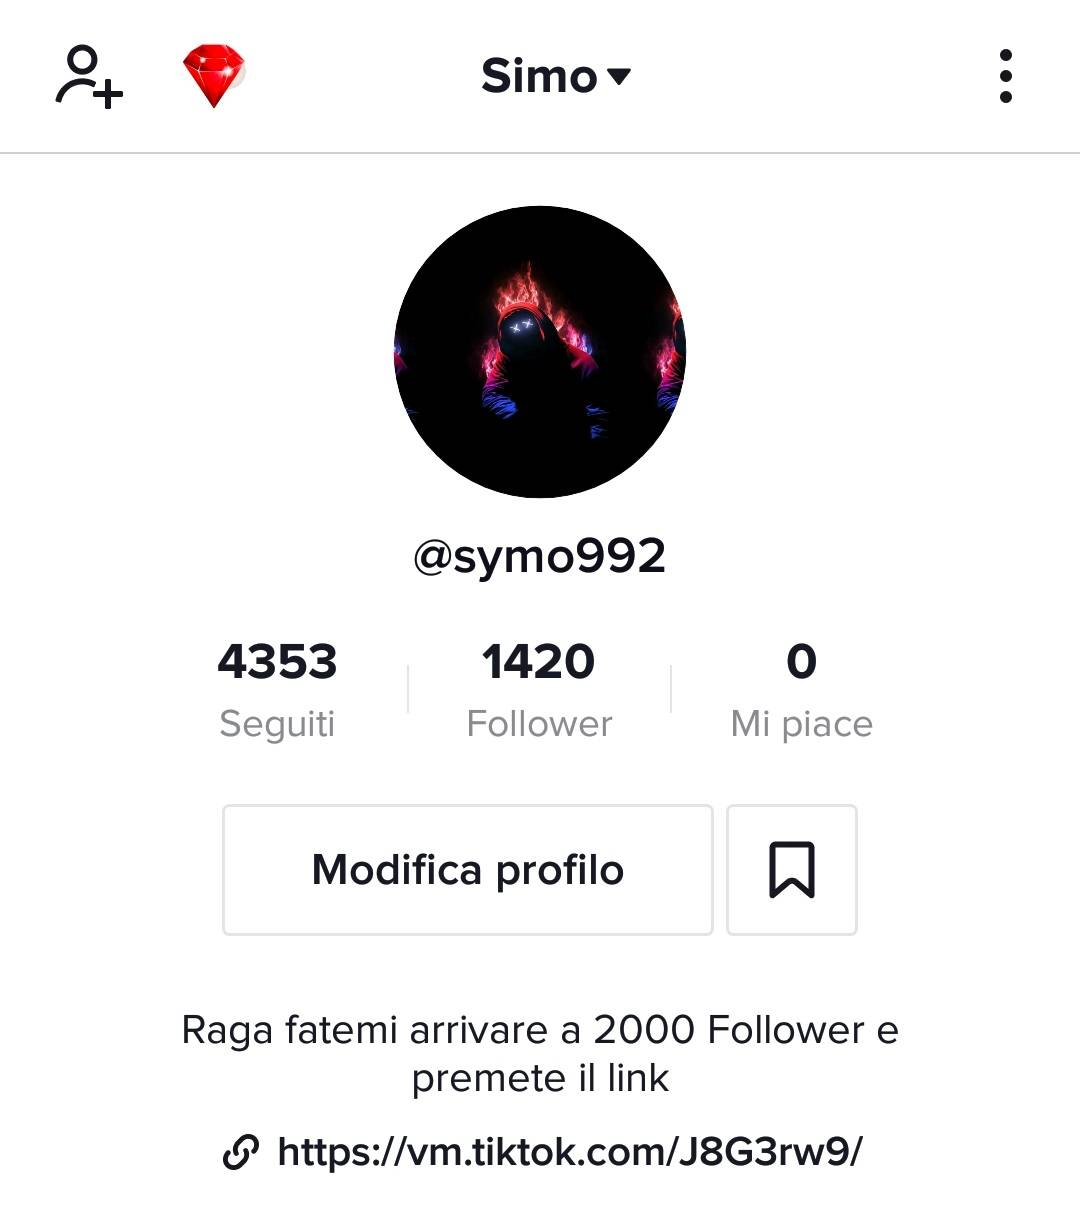 Symo99 tik tok